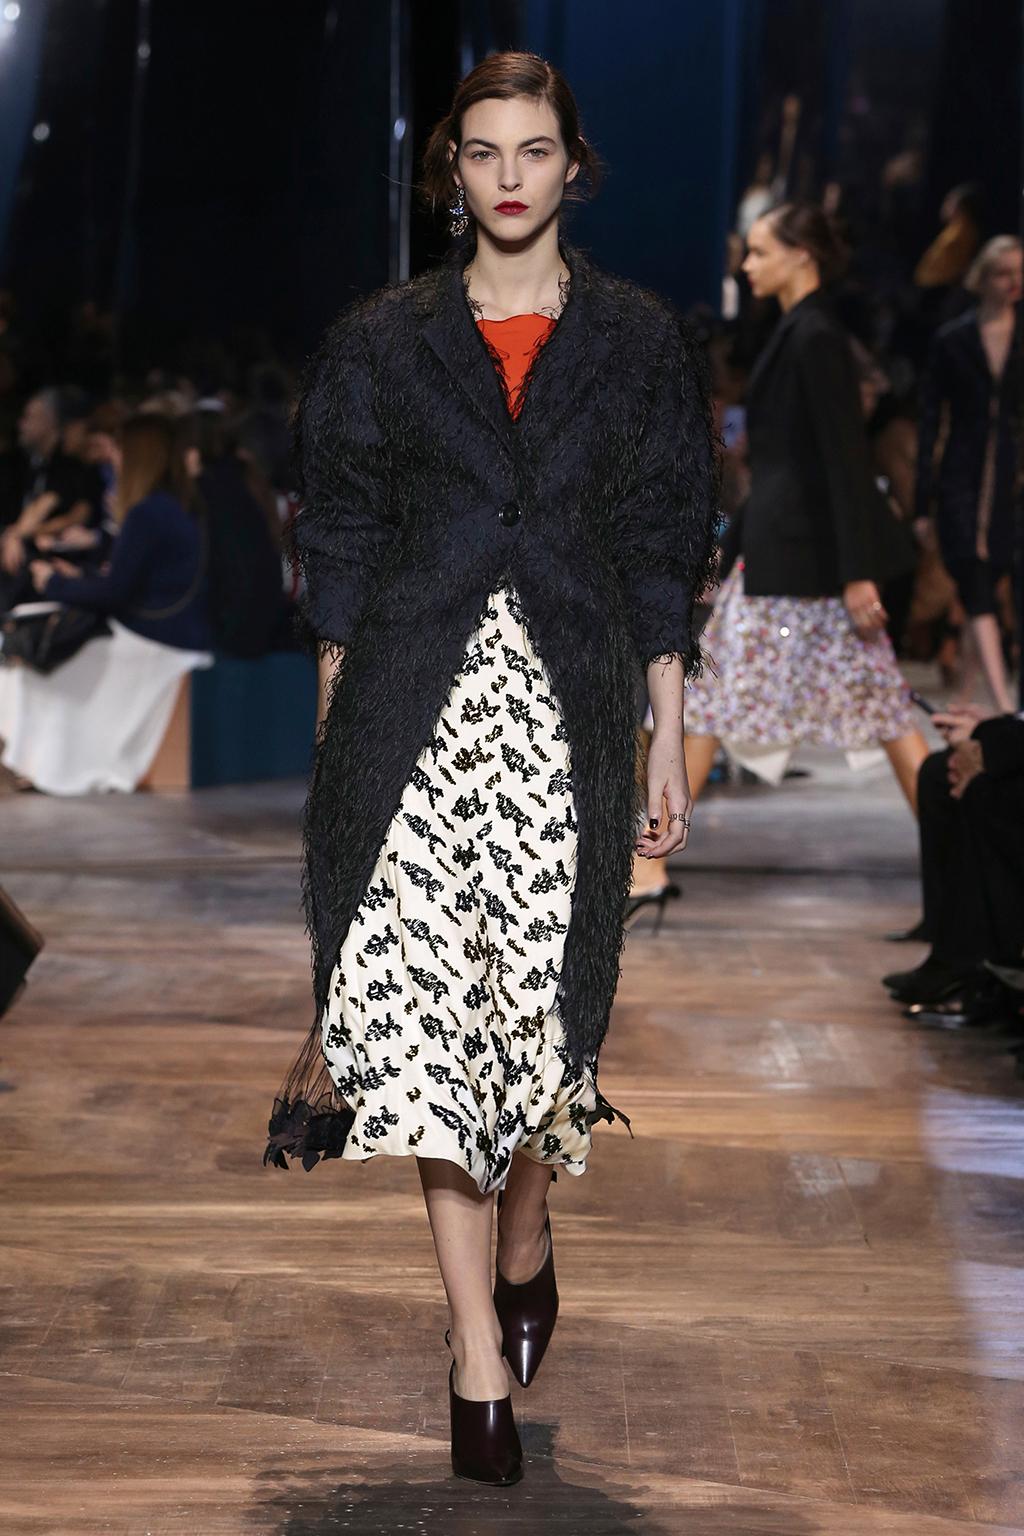 Dior-Couture-Silhouette-10